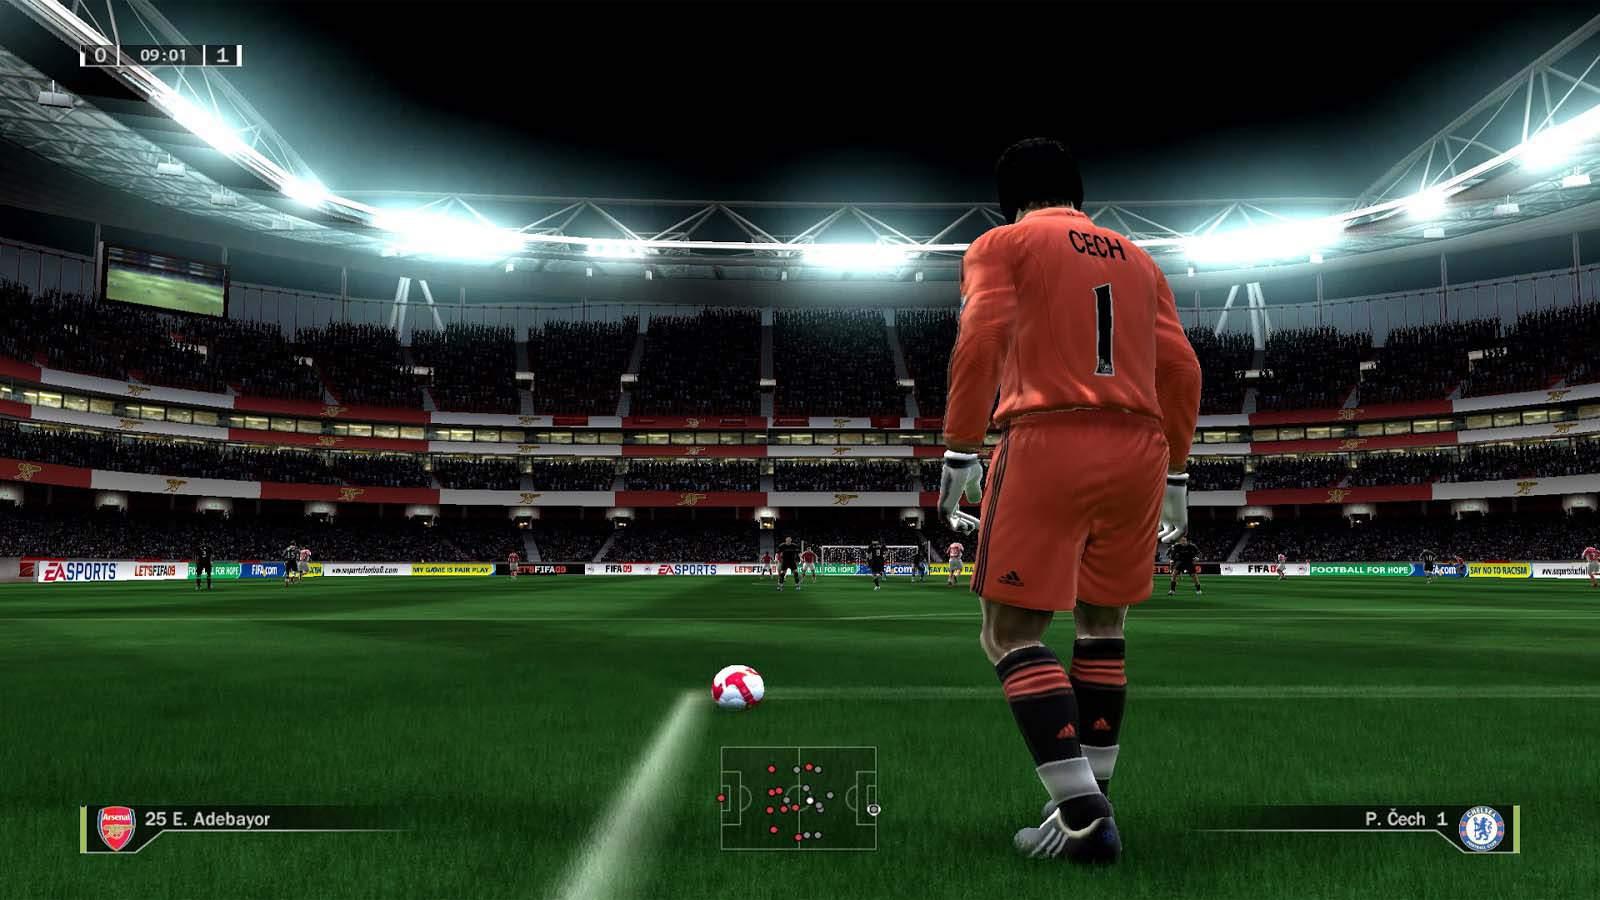 تحميل لعبة FIFA 2009 مضغوطة برابط واحد مباشر كاملة مجانا